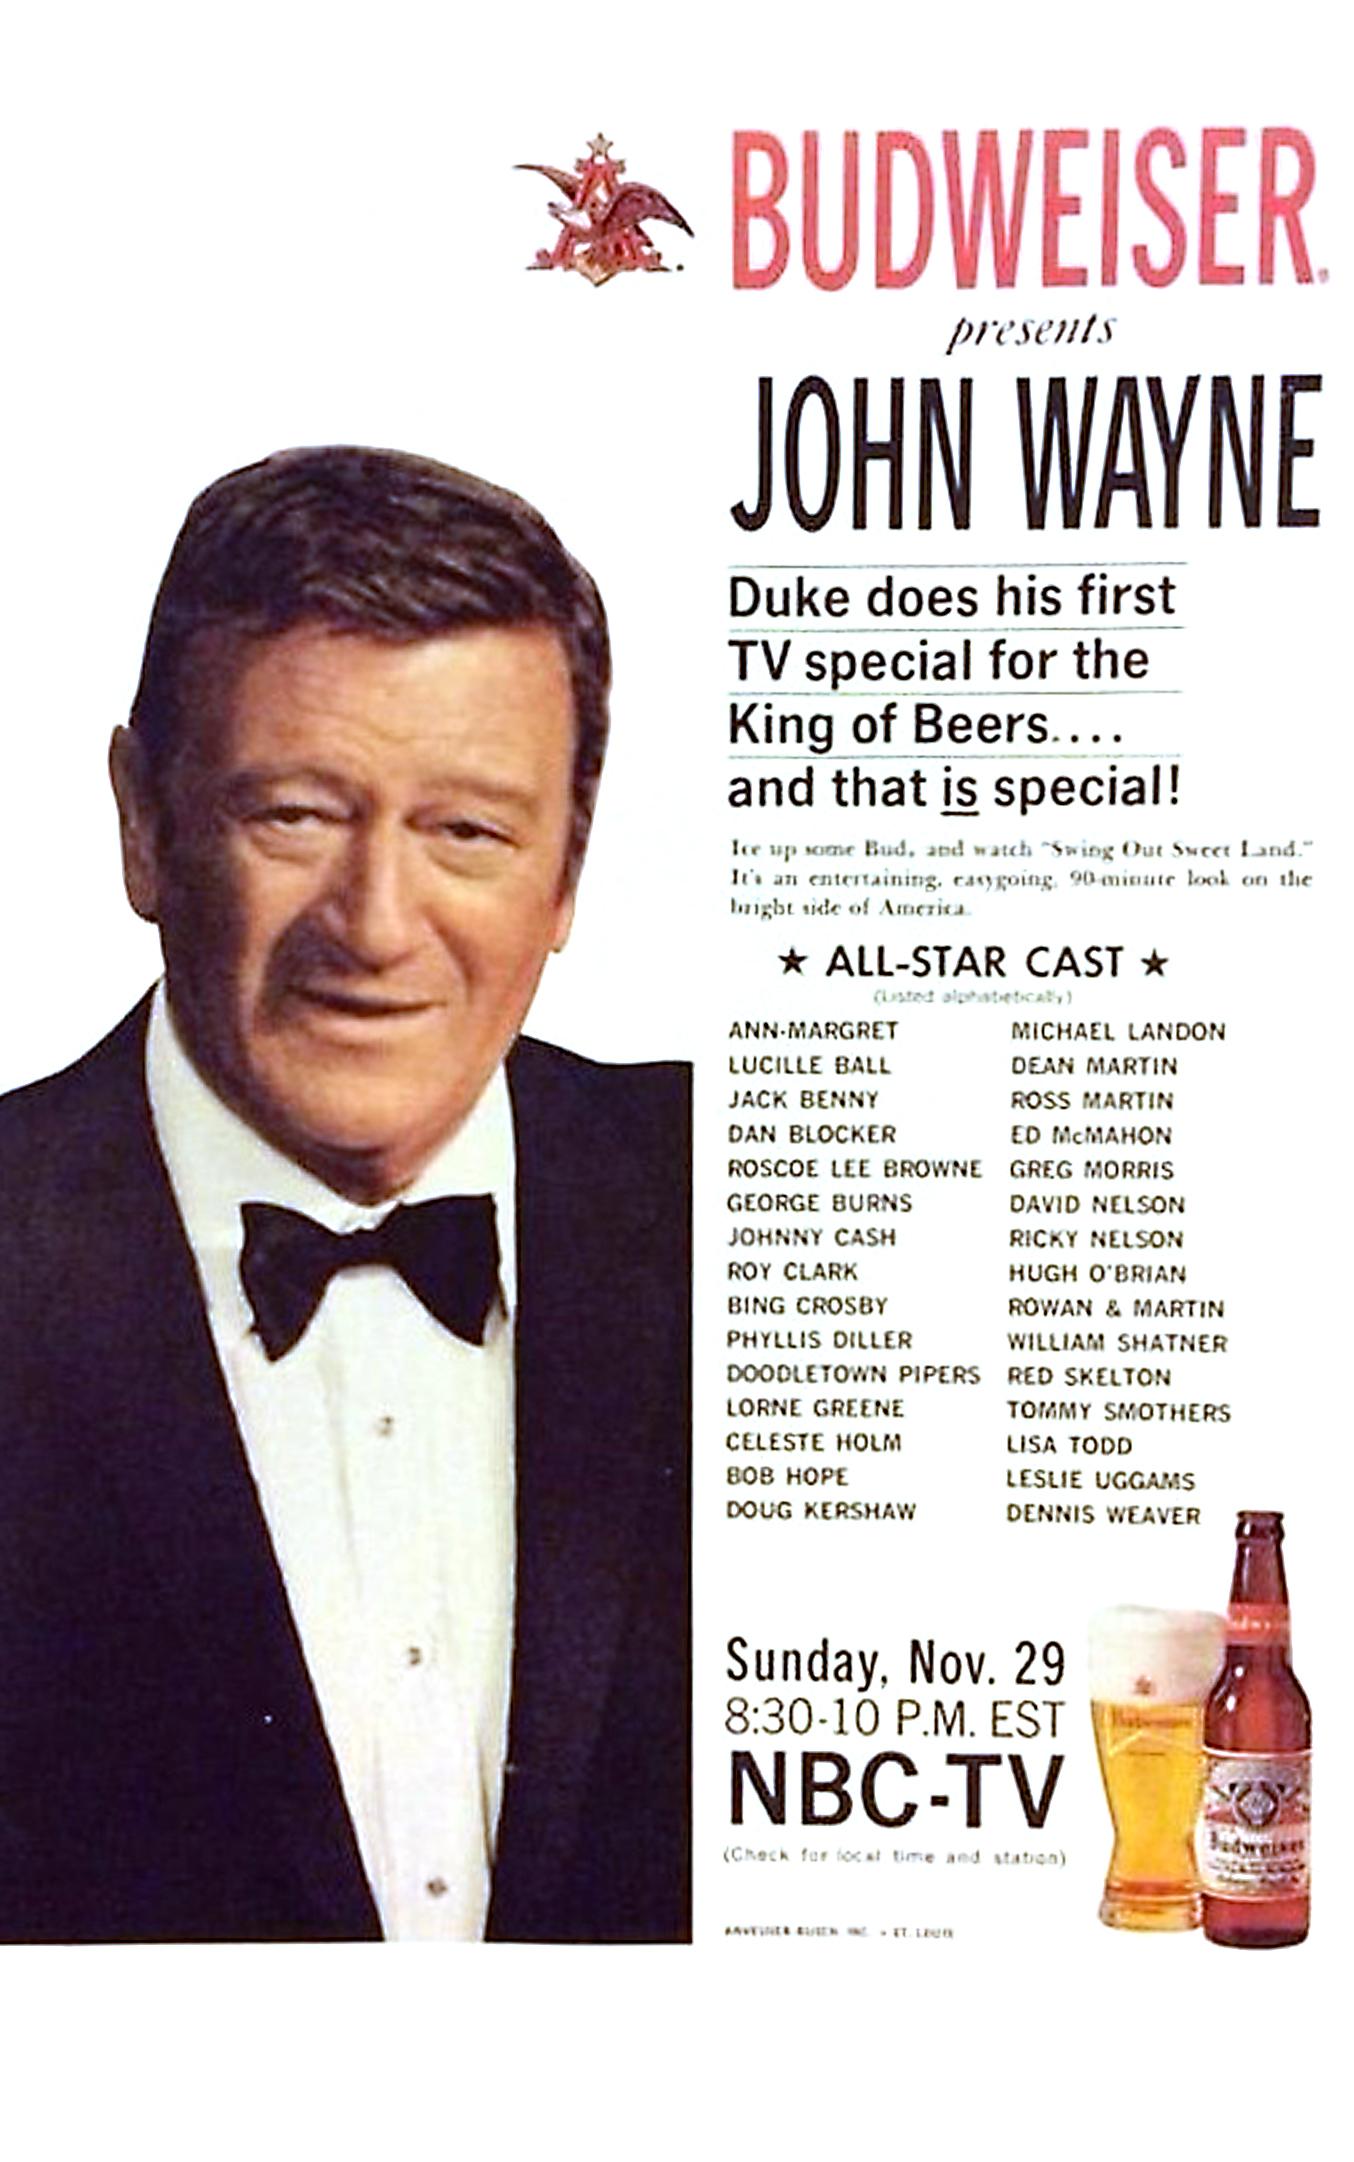 John Wayne in Swing Out, Sweet Land (1970)